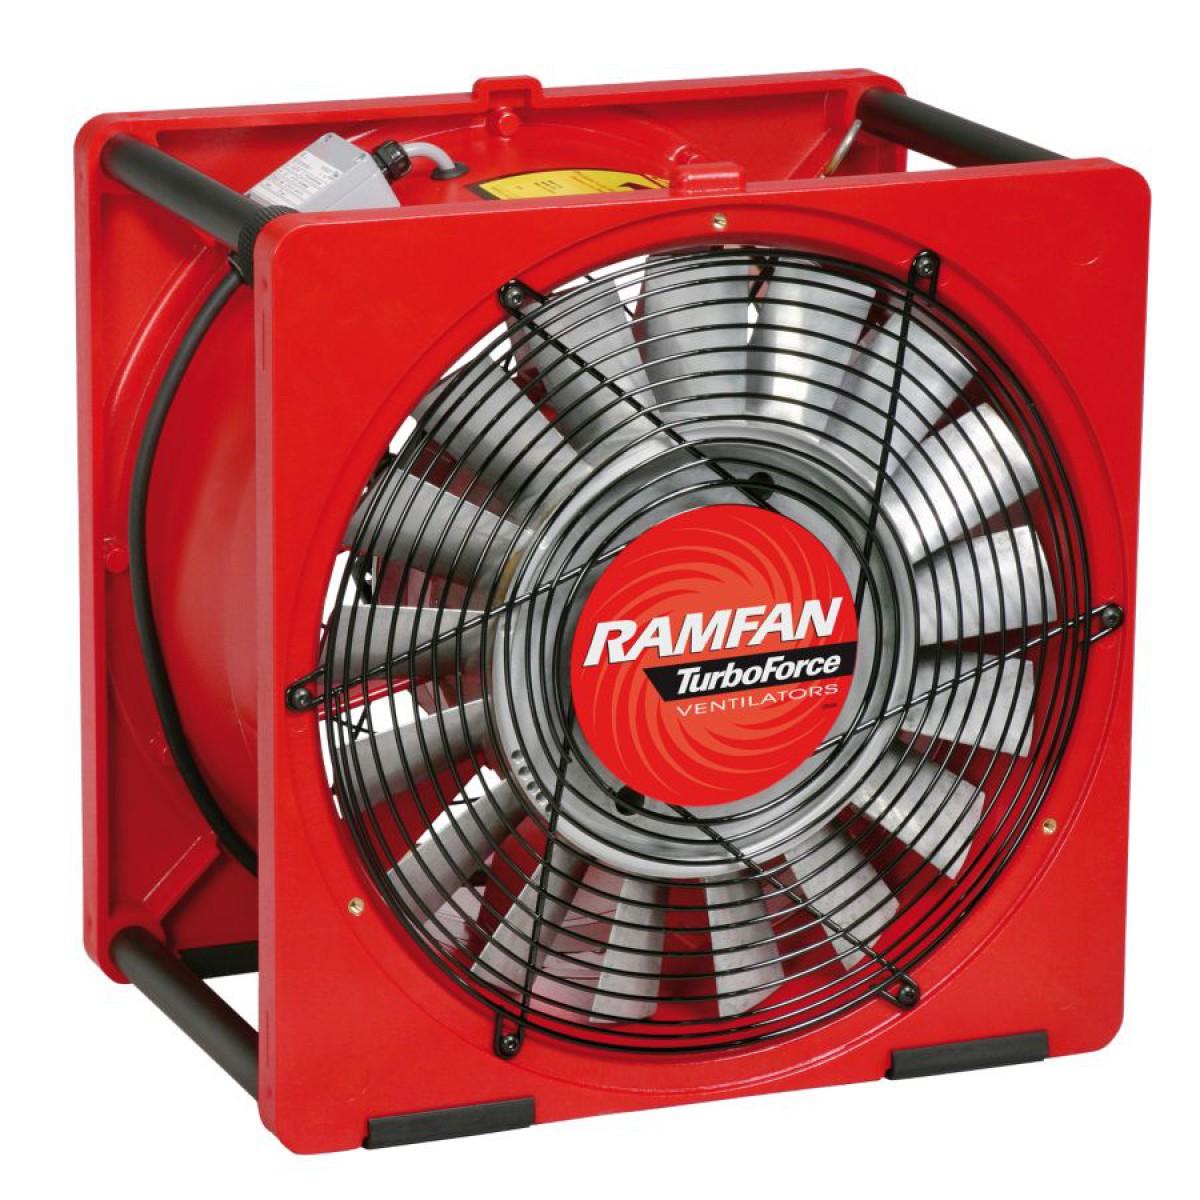 ventilateur extracteur portable 40 cm sp cial pompiers. Black Bedroom Furniture Sets. Home Design Ideas